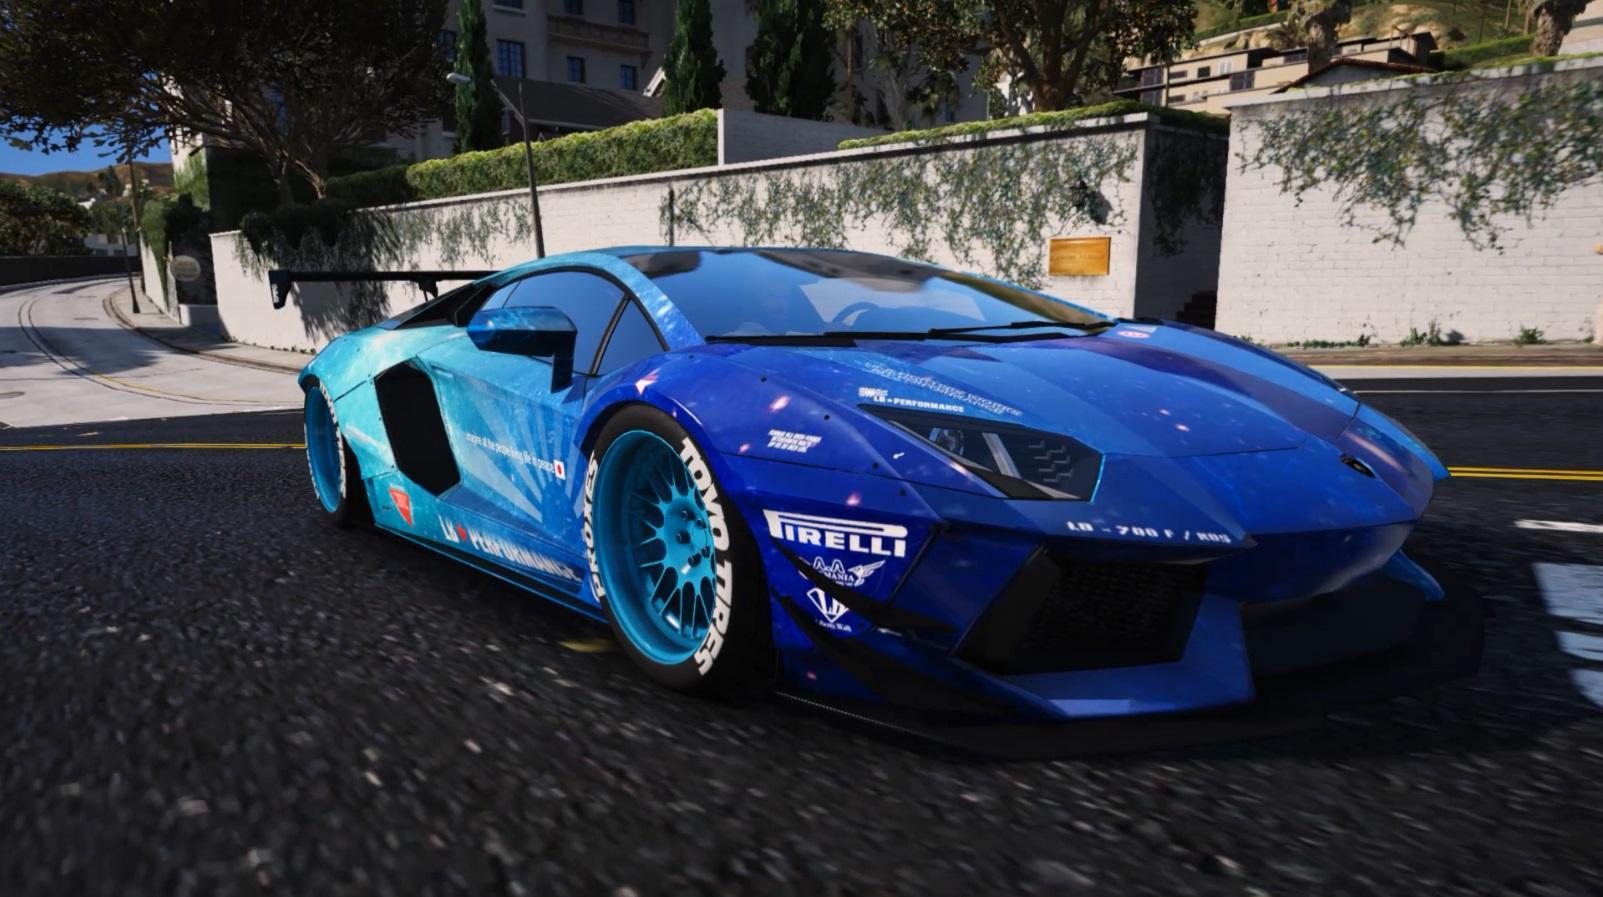 Lamborghini Aventador Jake Paul Wallpaper